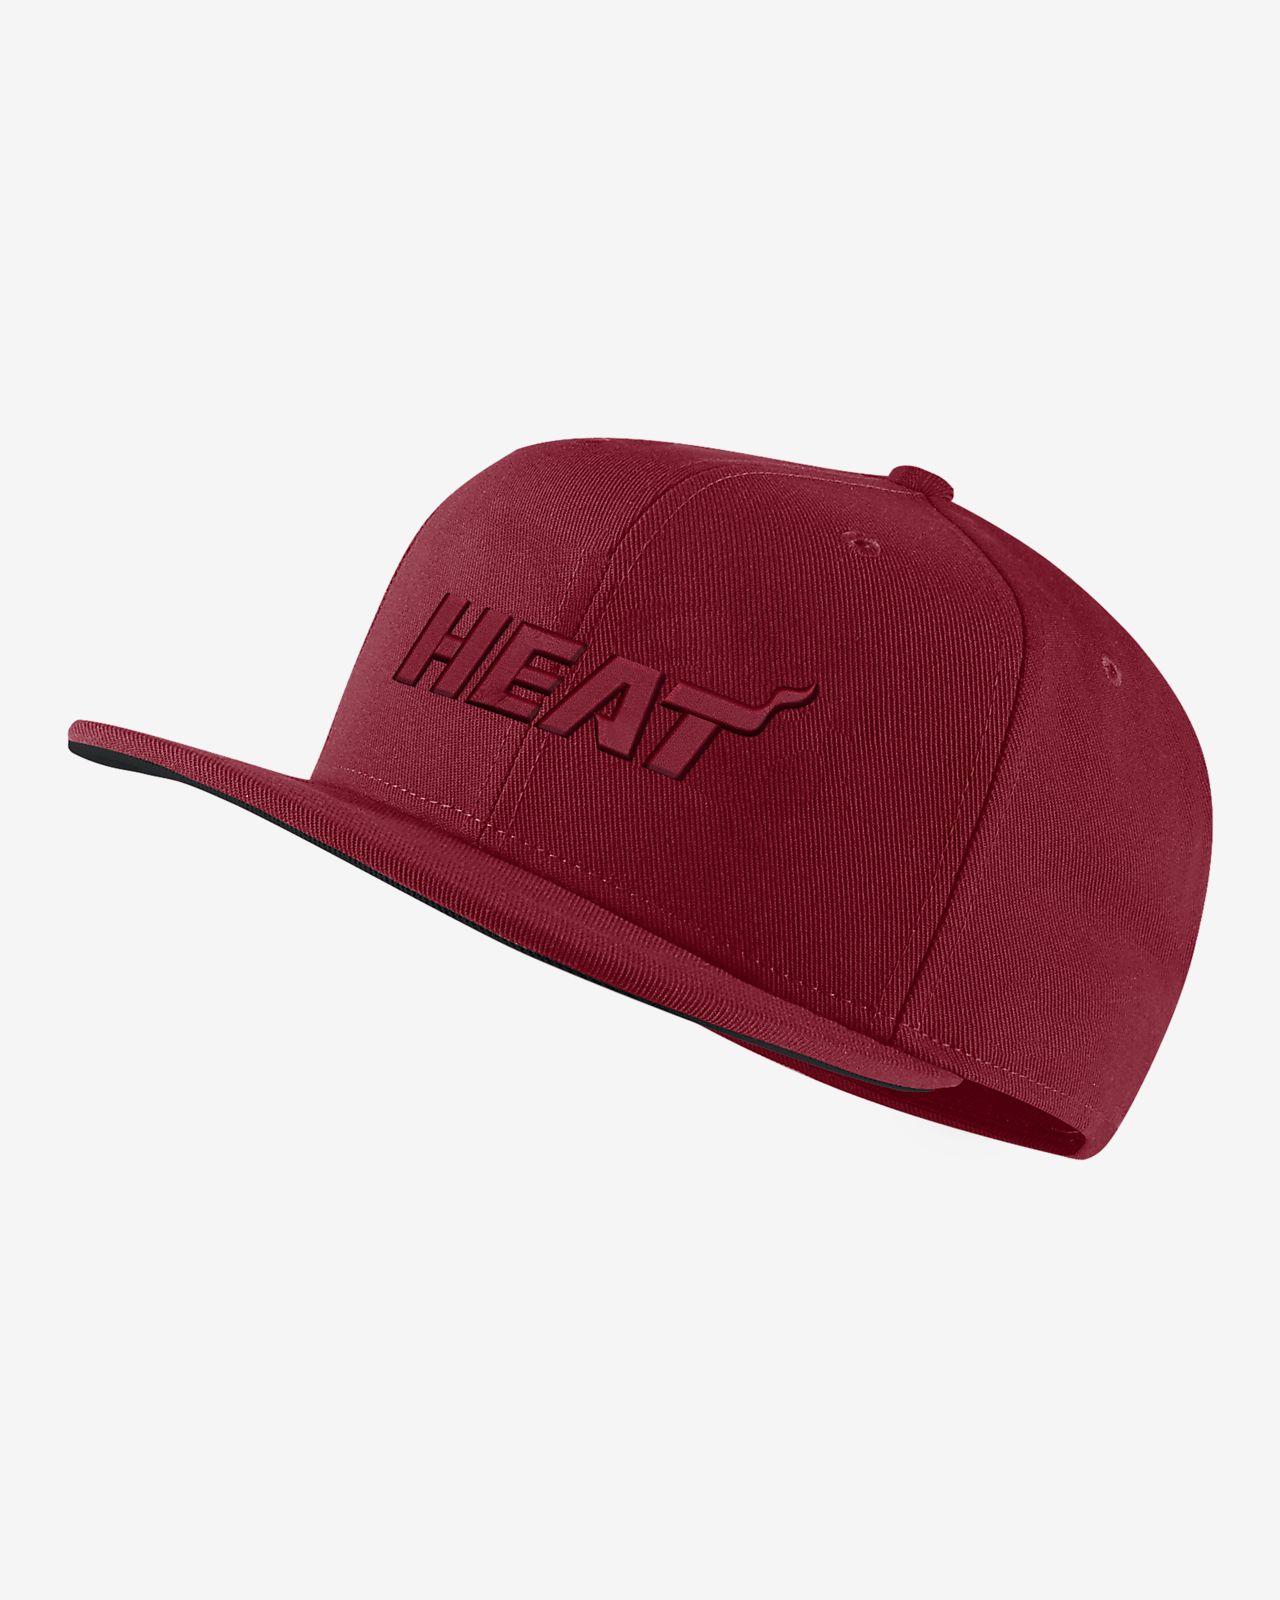 Cappello Miami Heat Nike AeroBill NBA